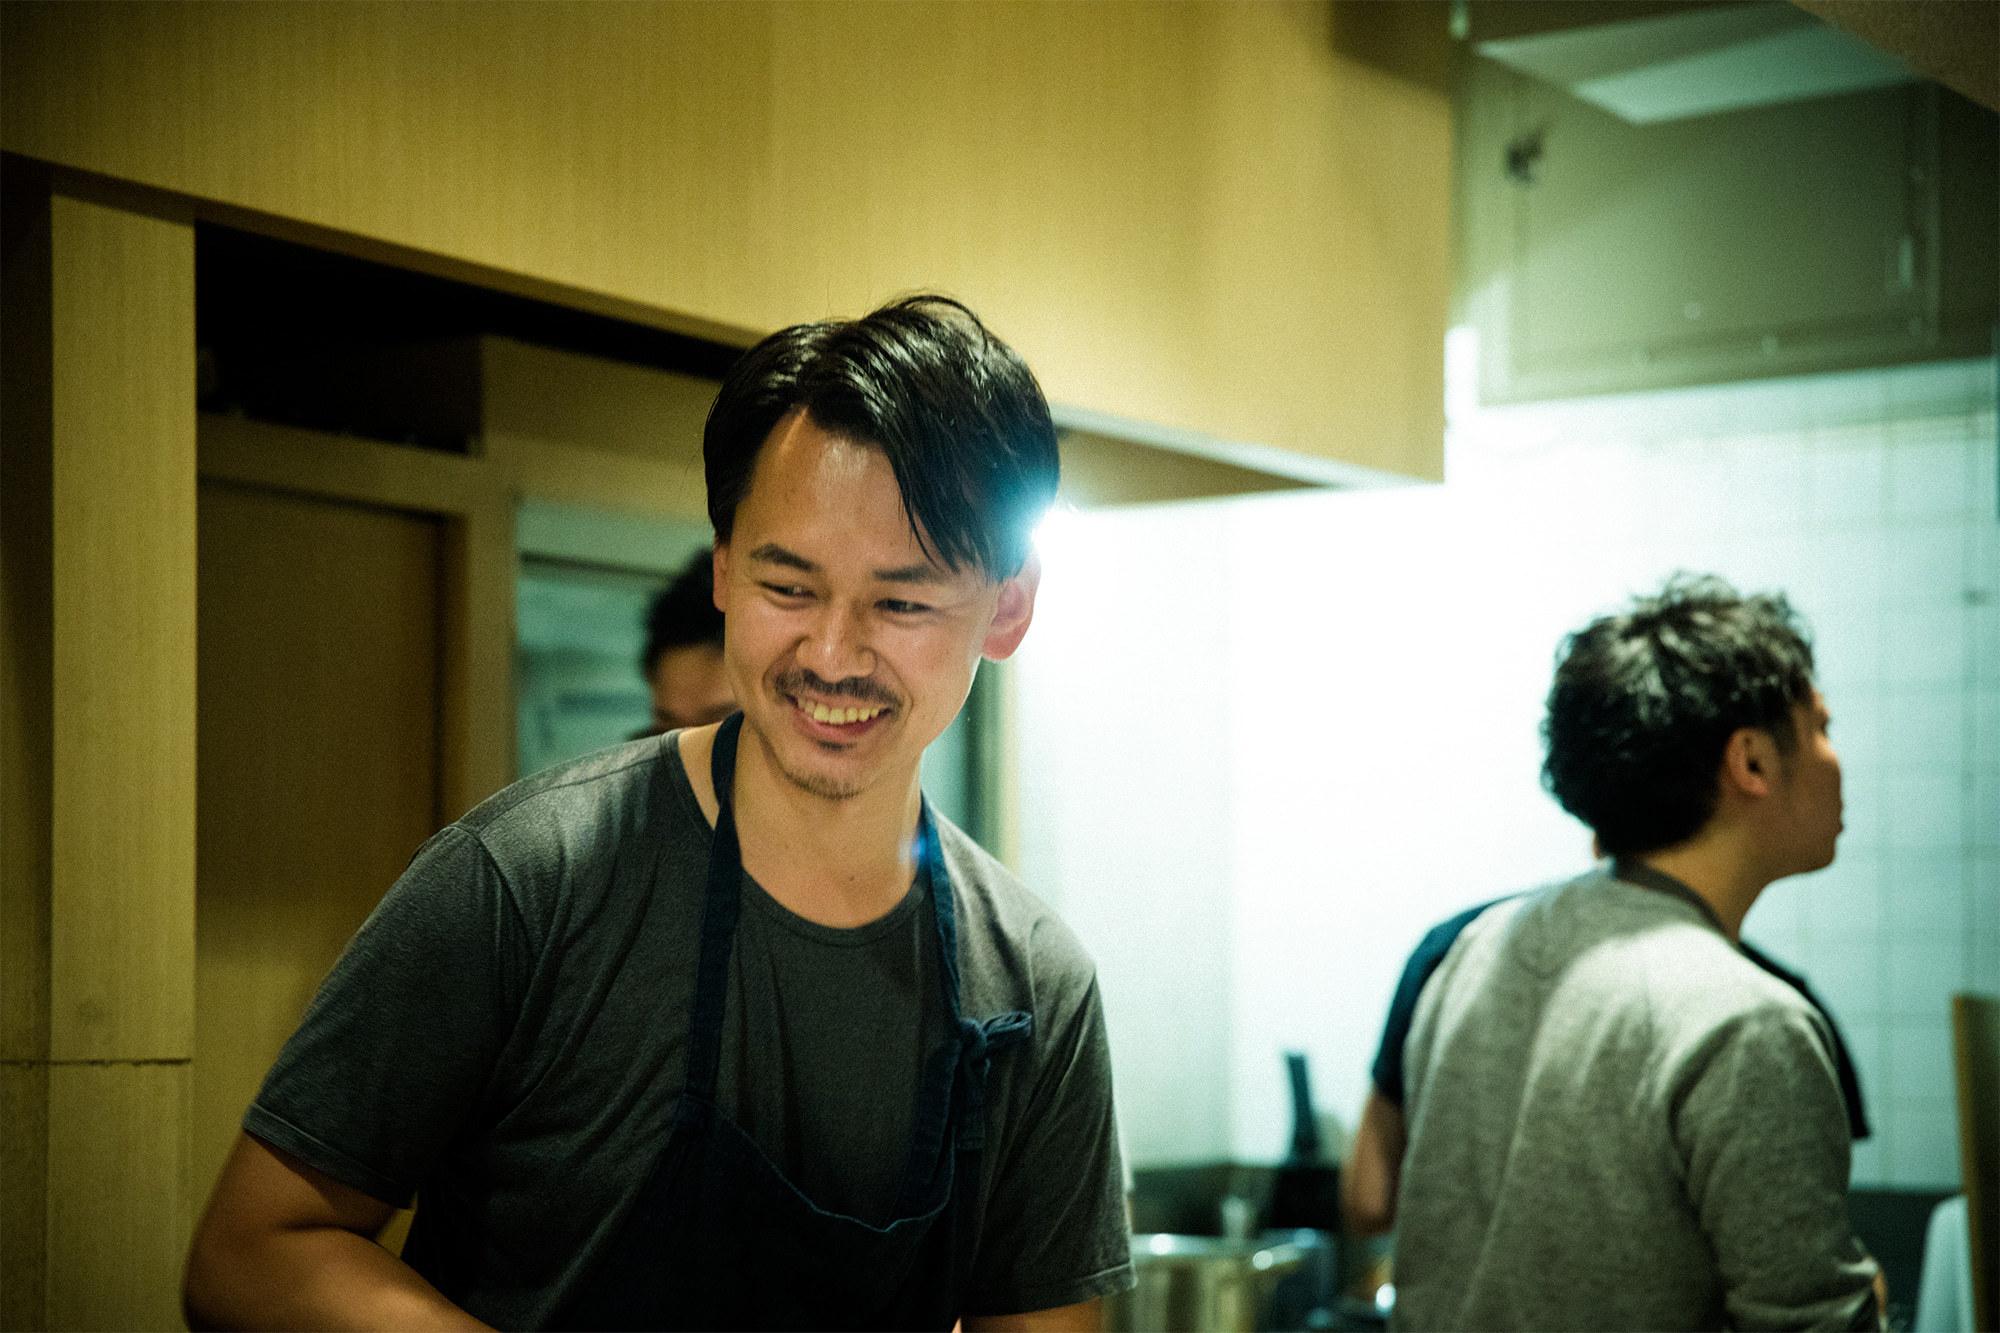 「アルテレーゴ」のヘッドシェフを務める平山秀仁。「ジェリーナズ」が催された夜は、サービス直前まで徳吉と料理の調整を重ねていた。訪れるたびに料理のクオリティが上がり、接客も洗練されていく。これからの進化が楽しみだ。